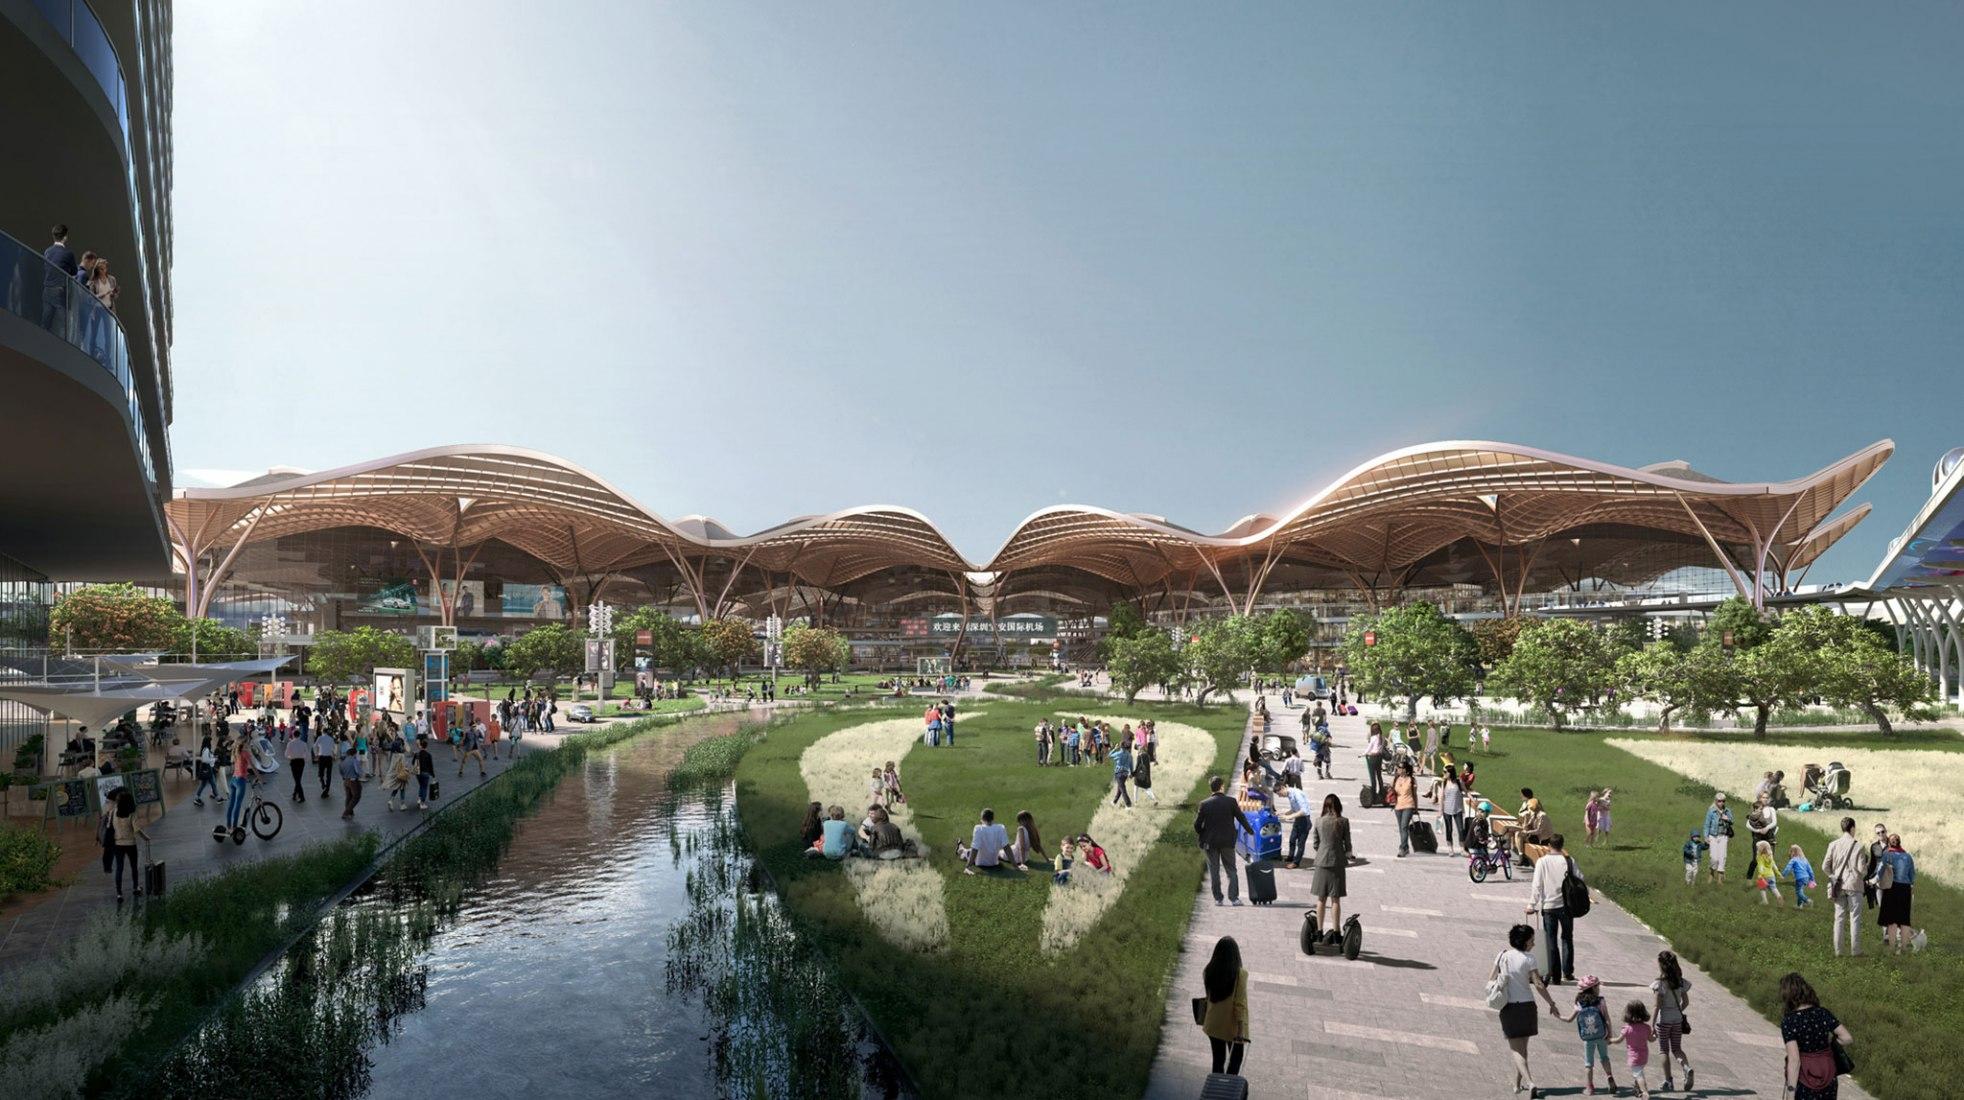 Vista exterior. Centro de transporte y aeropuerto de Shenzhen por Grimshaw. Imagen cortesía de Grimshaw